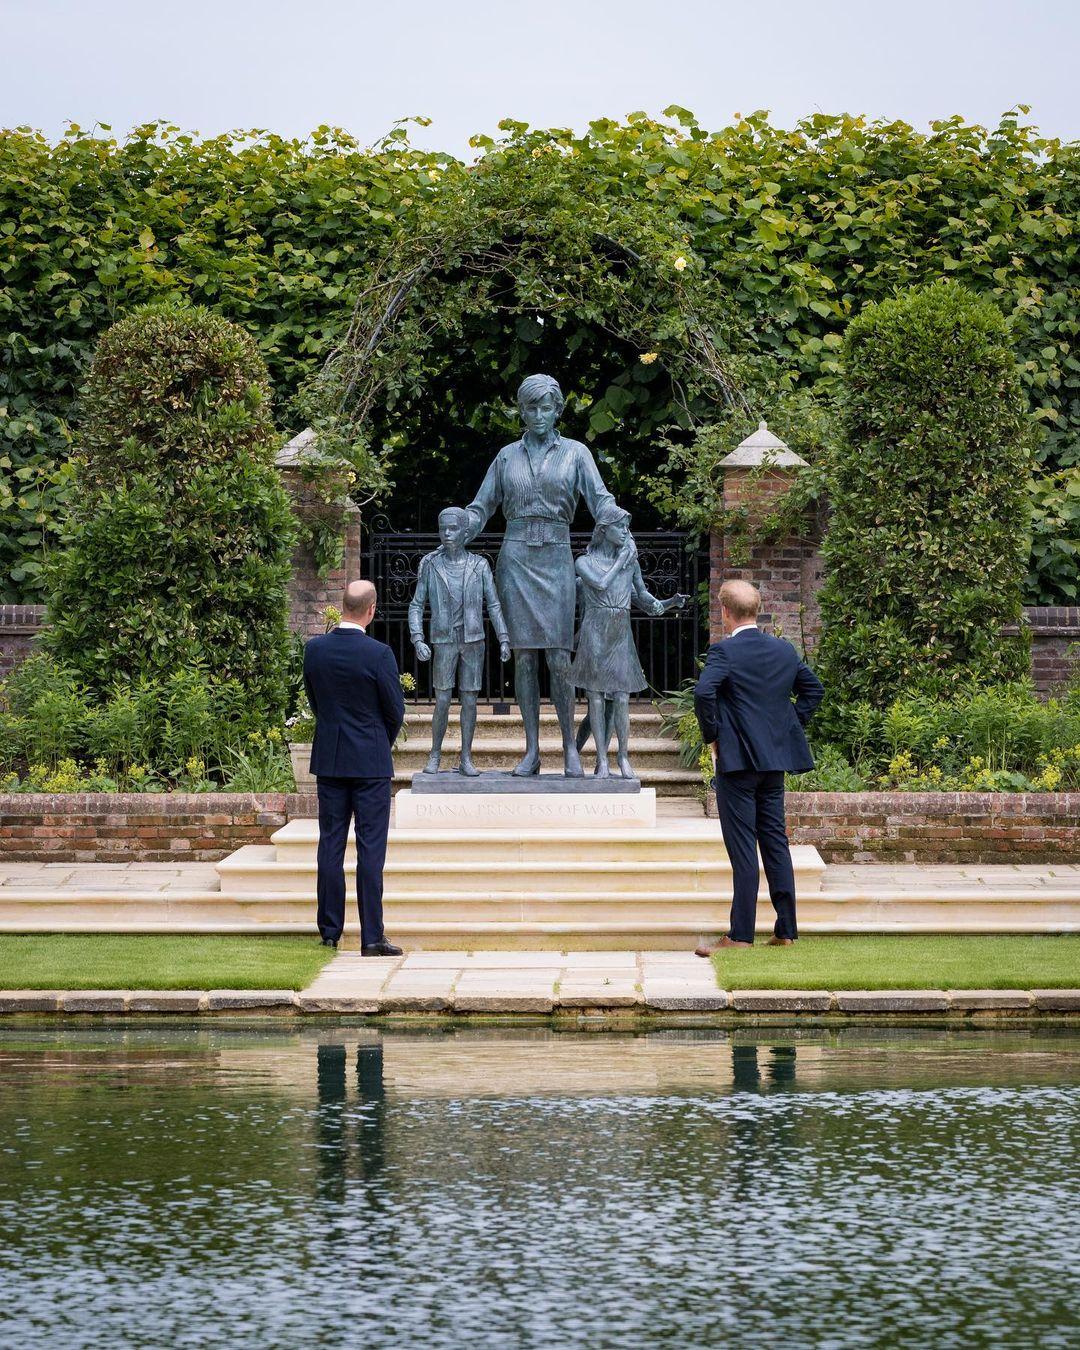 Estátua Princesa Diana Palácio de Kensington